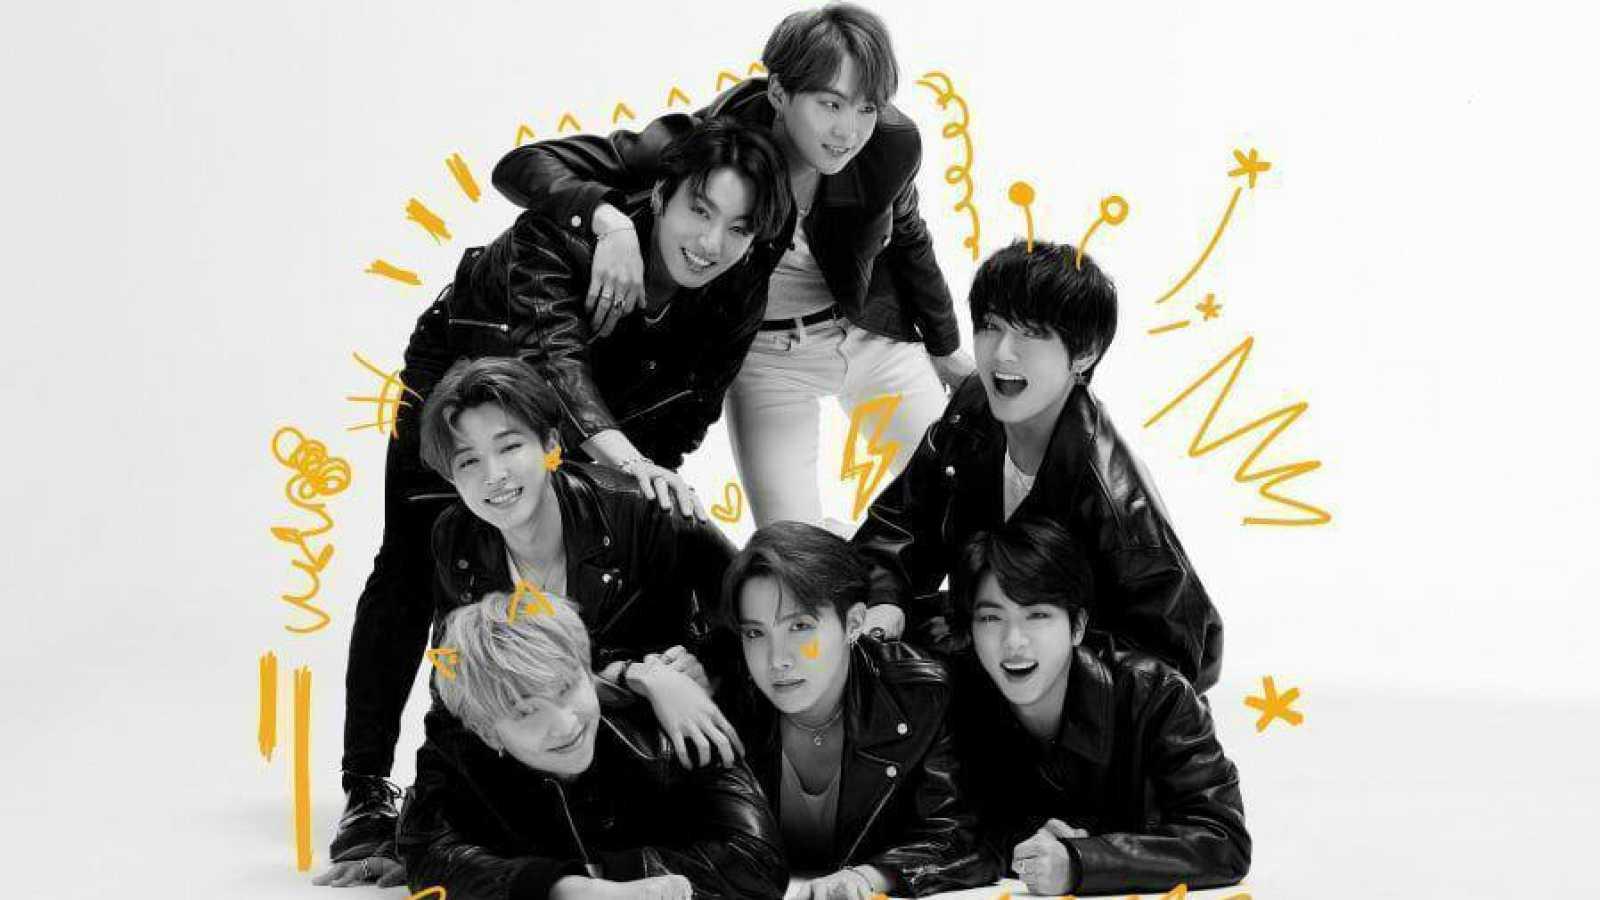 Jin, Suga, Jimin, V, RM, Jungkook y J-Hope integran el grupo de música K-Pop BTS